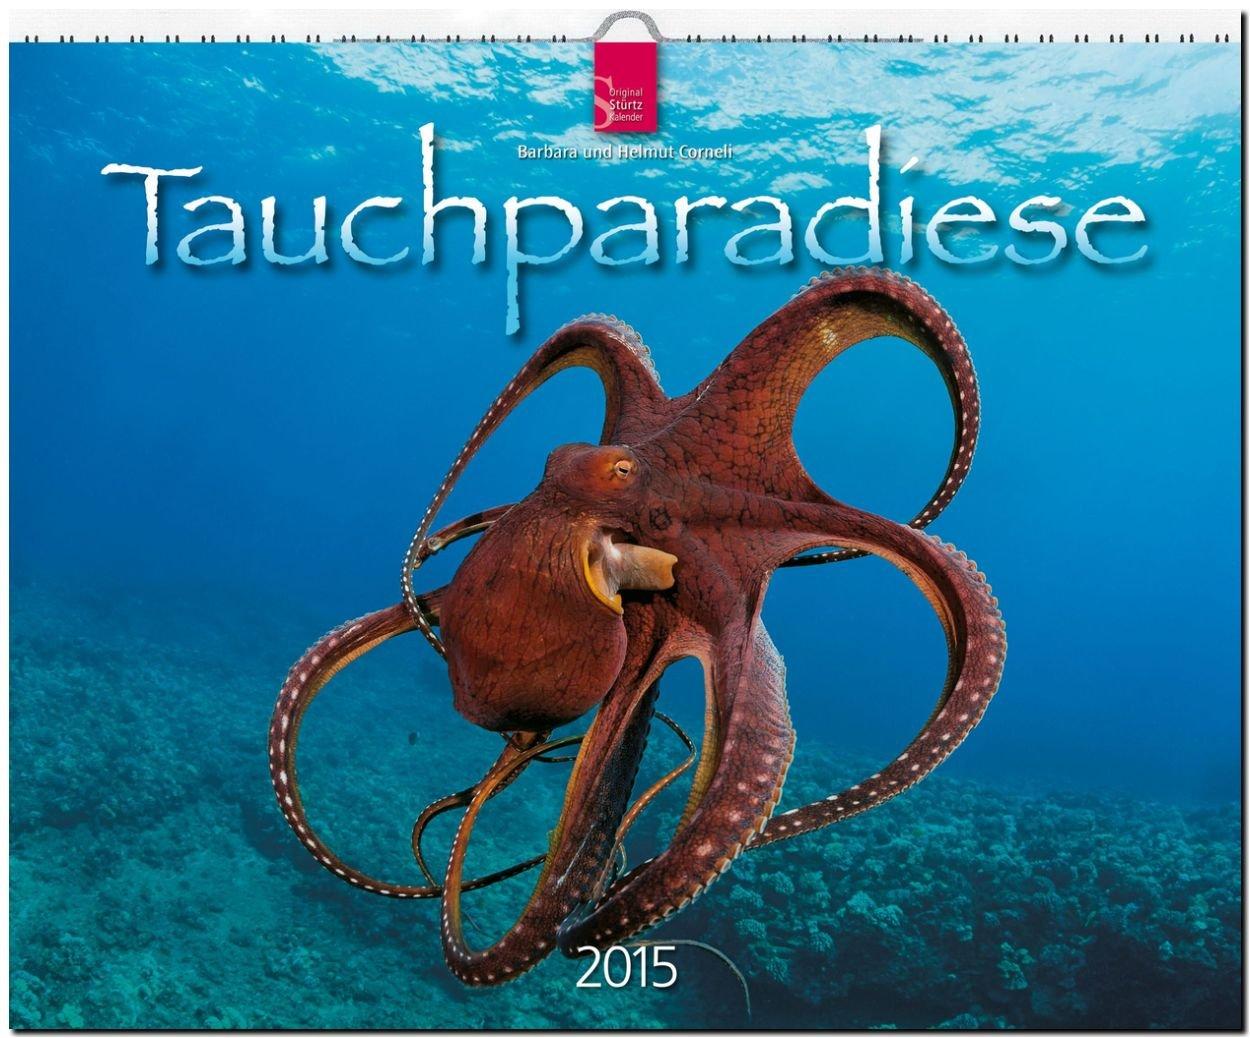 Tauchparadiese 2015 - Original Stürtz-Kalender - Großformat-Kalender 60 x 48 cm